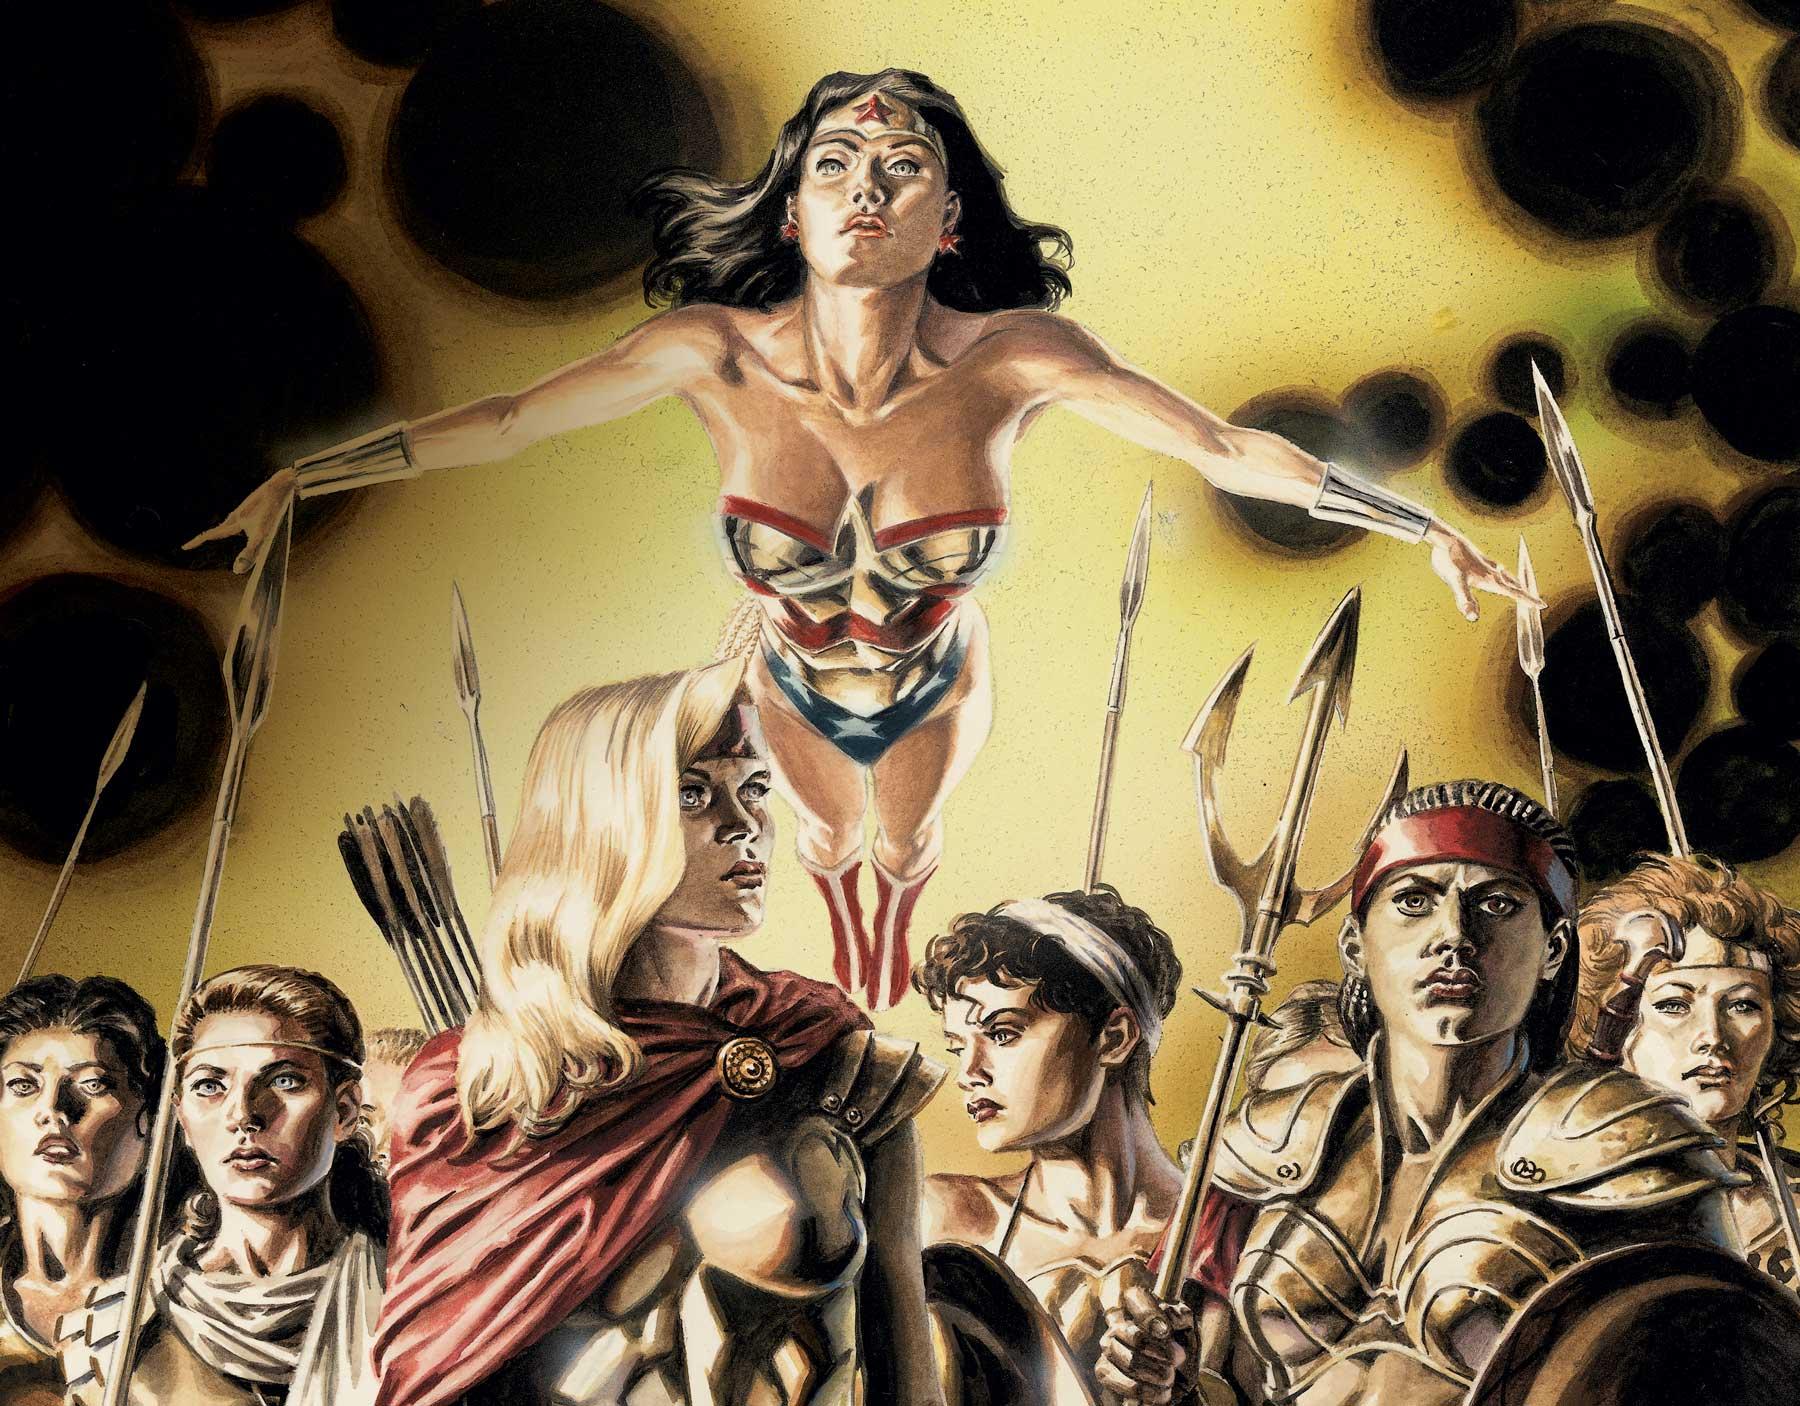 Qu'utilise Wonder Woman pour forcer les gens à dire la vérité ?